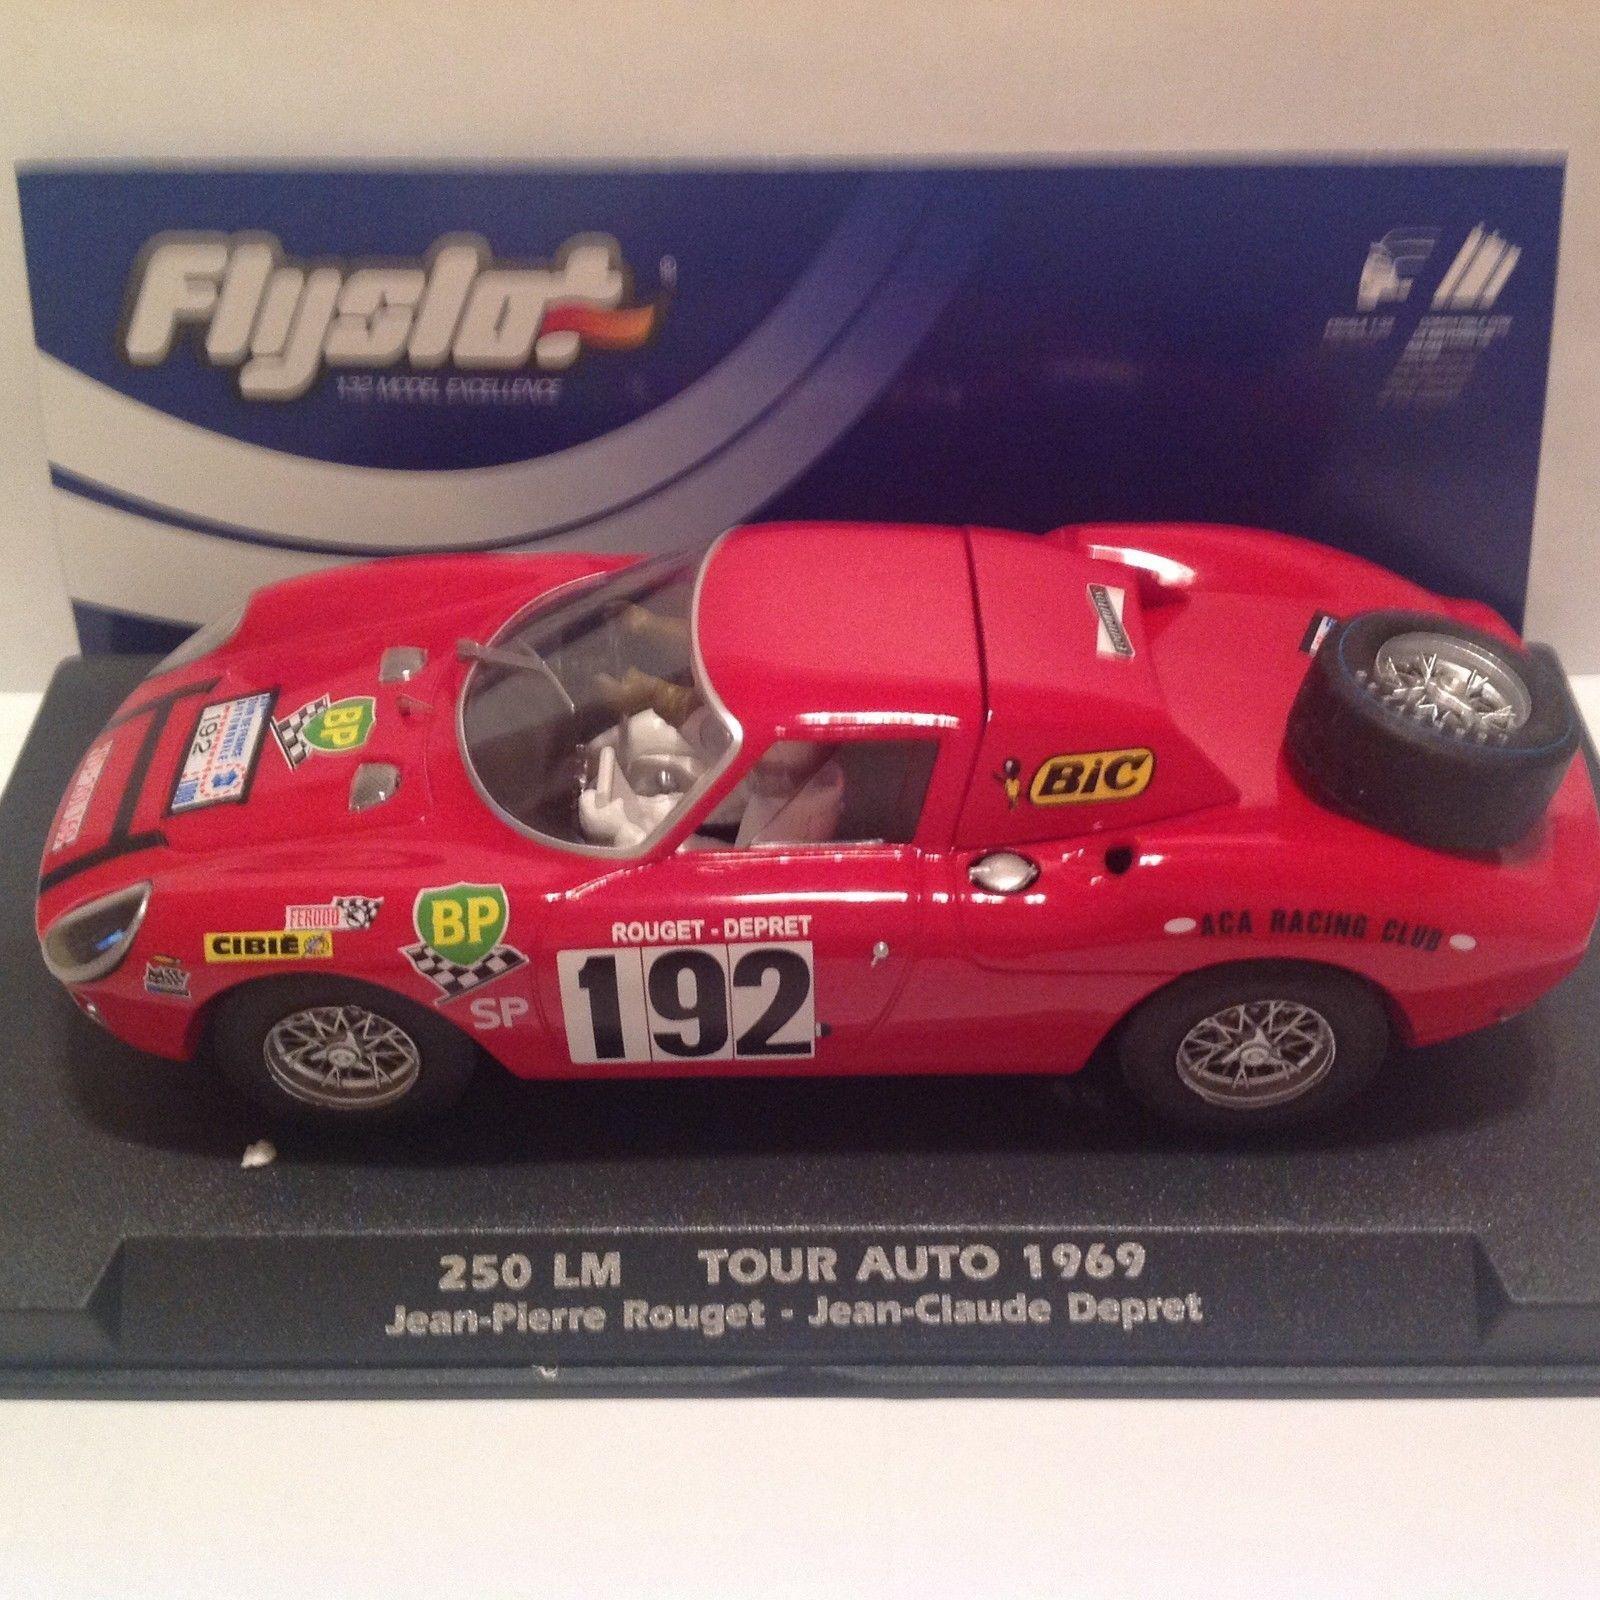 Flyslot FERRARI 250 LM Tour auto 1969  192 - NEUF